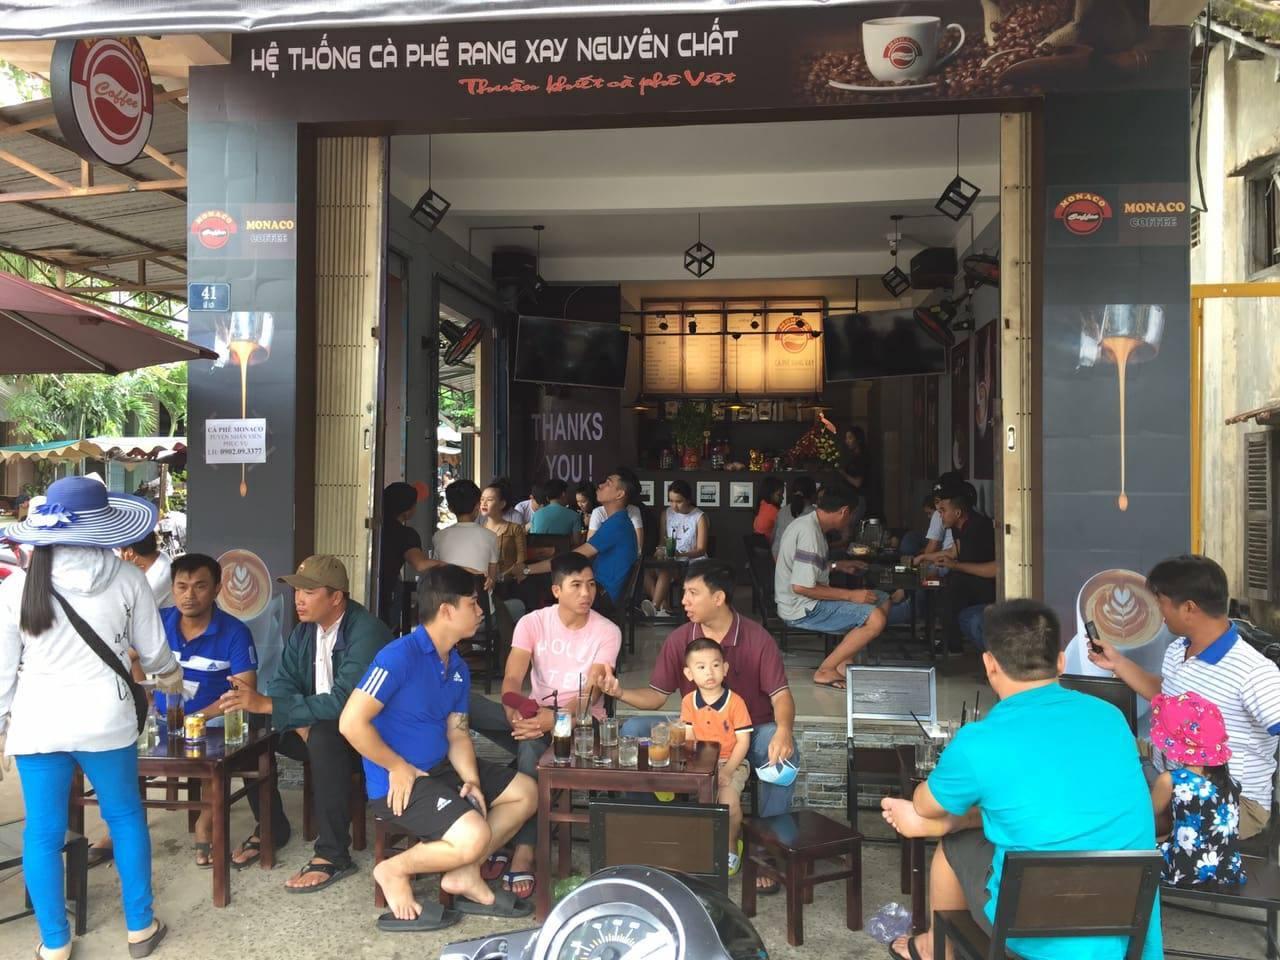 Cần chuẩn bị kĩ lưỡng trước khi Mở Quán Kinh Doanh Cafe